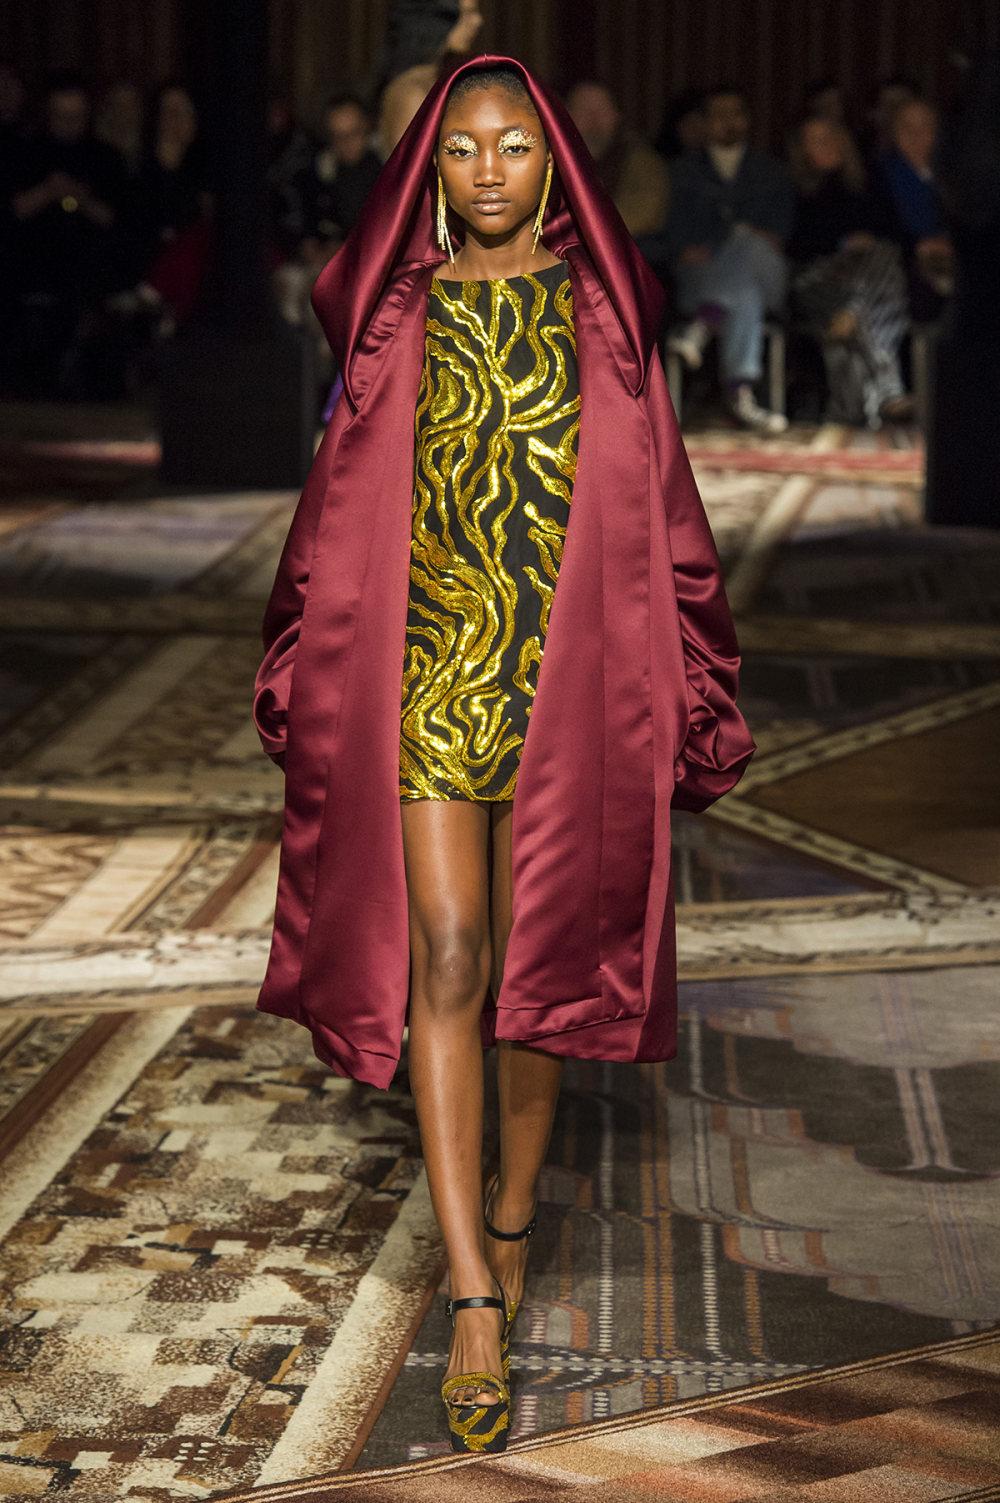 Halpern时装系列将幻想印花应用于宽大的缎面外套展示垂褶技巧-13.jpg